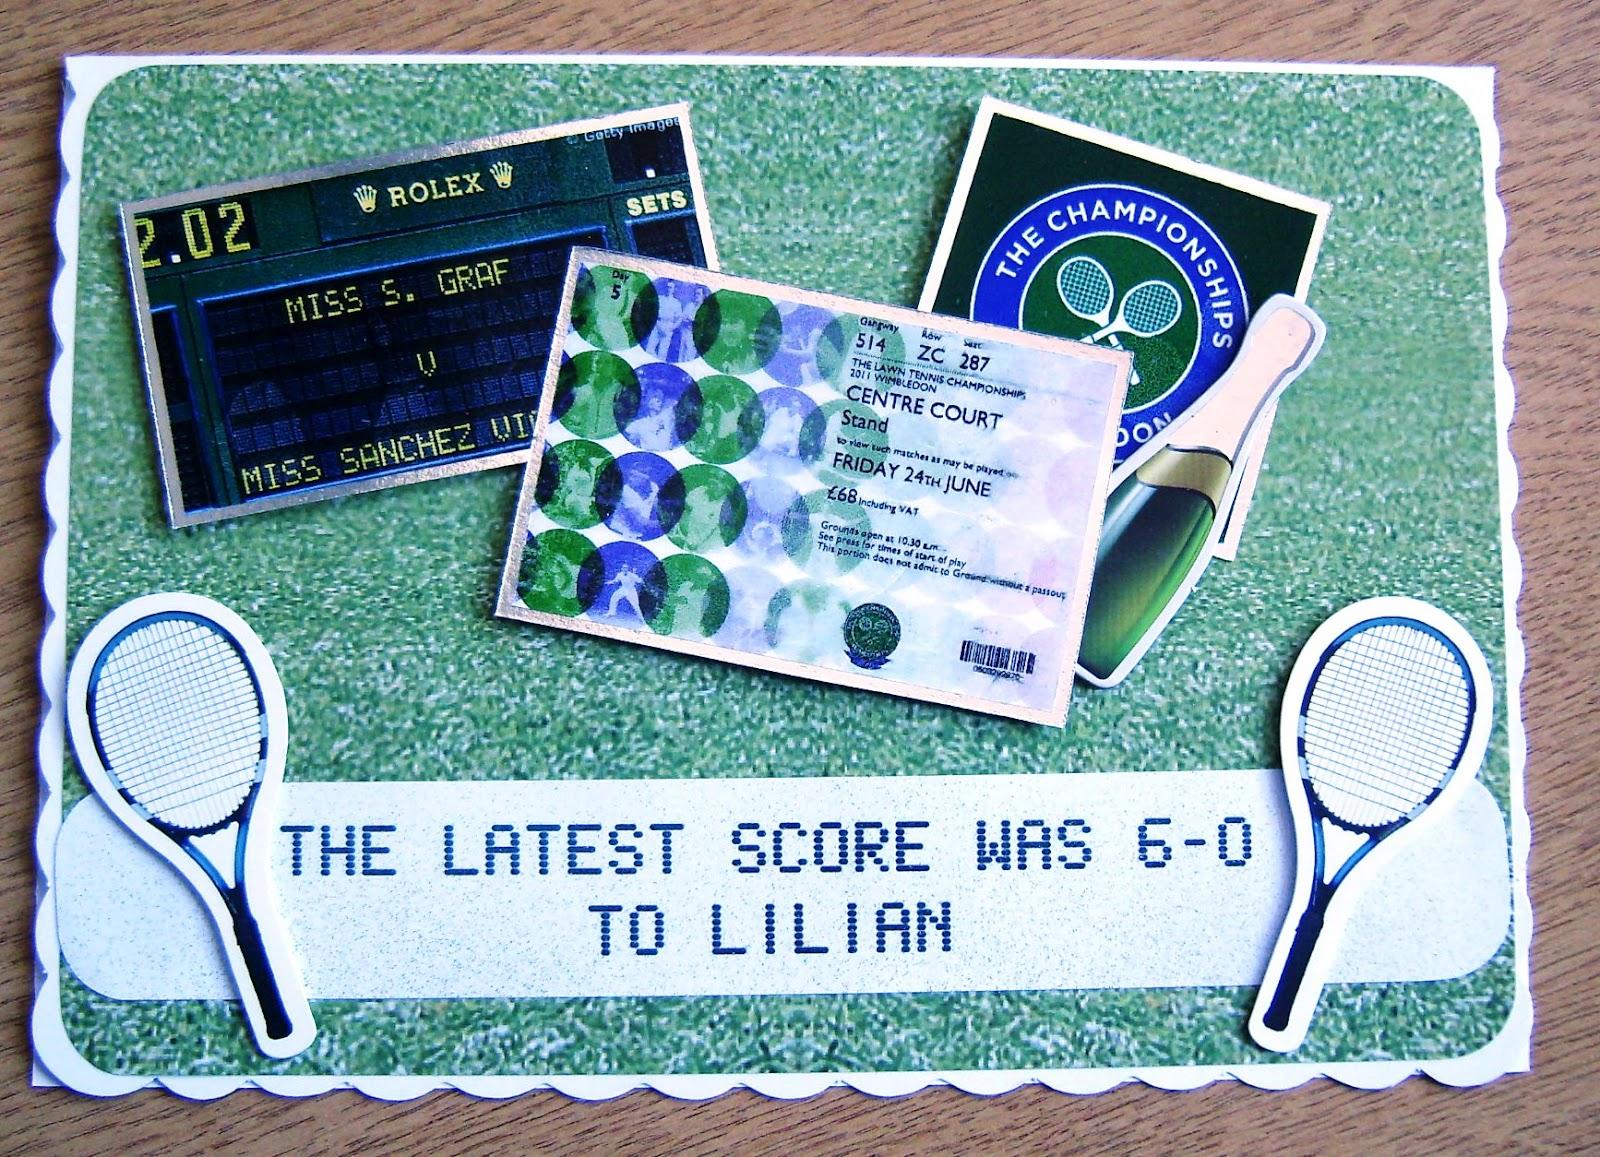 A Crafty Habit A 60th Birthday Card For A Tennis Fan